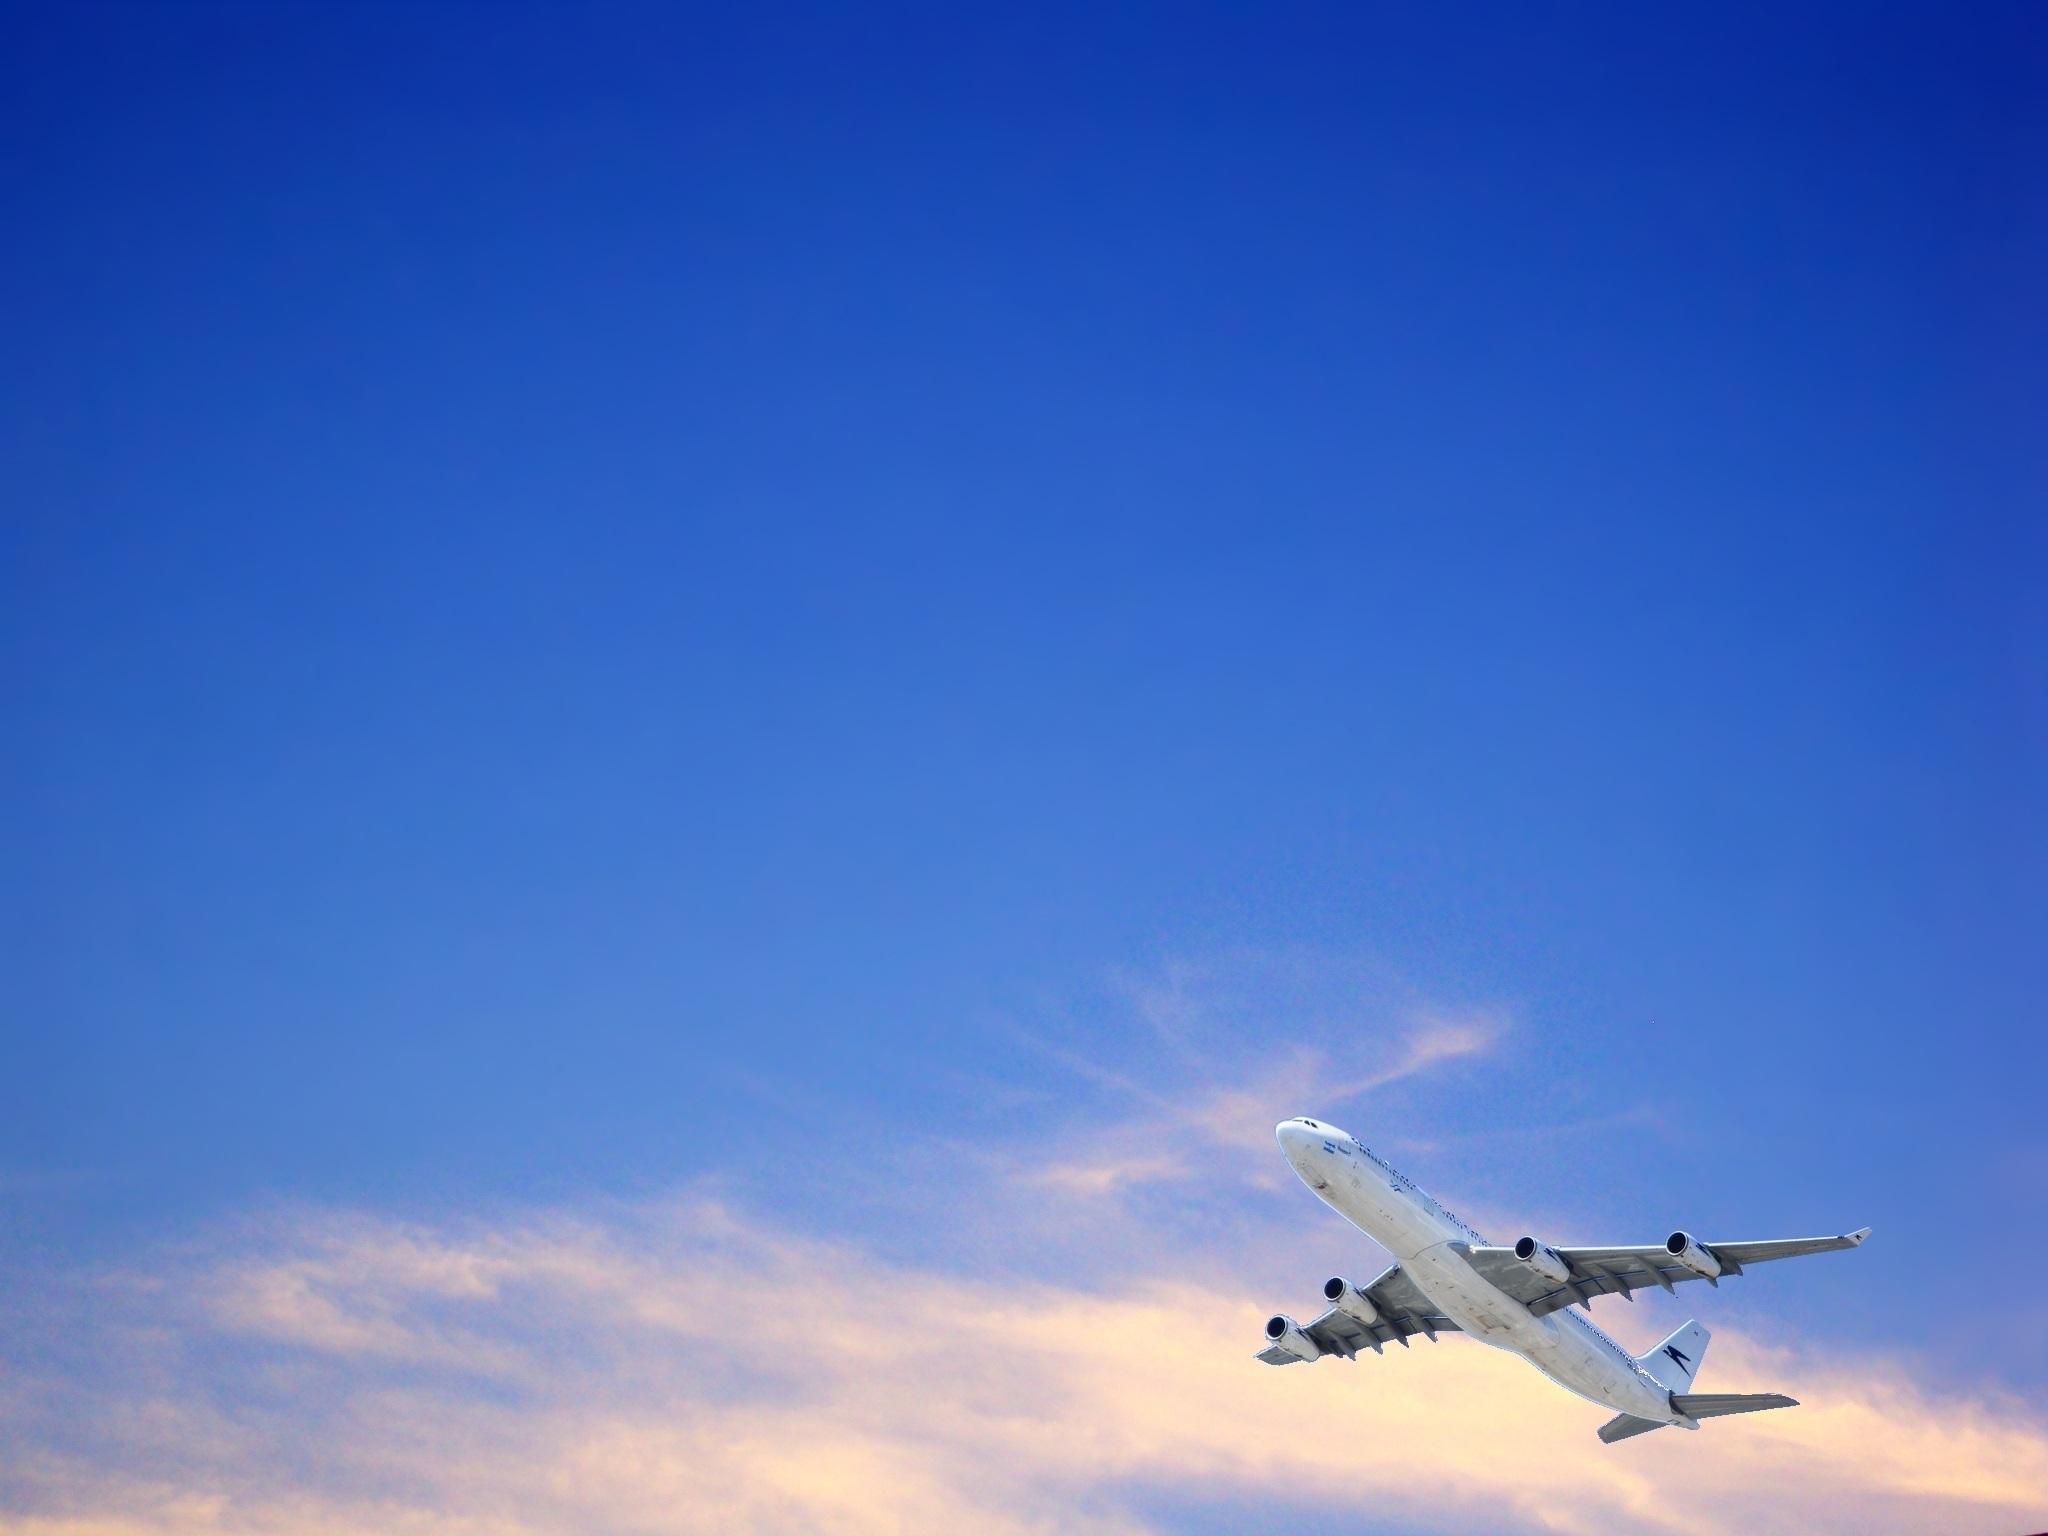 Alaska Airlines Offering 50% Bonus Elite Miles